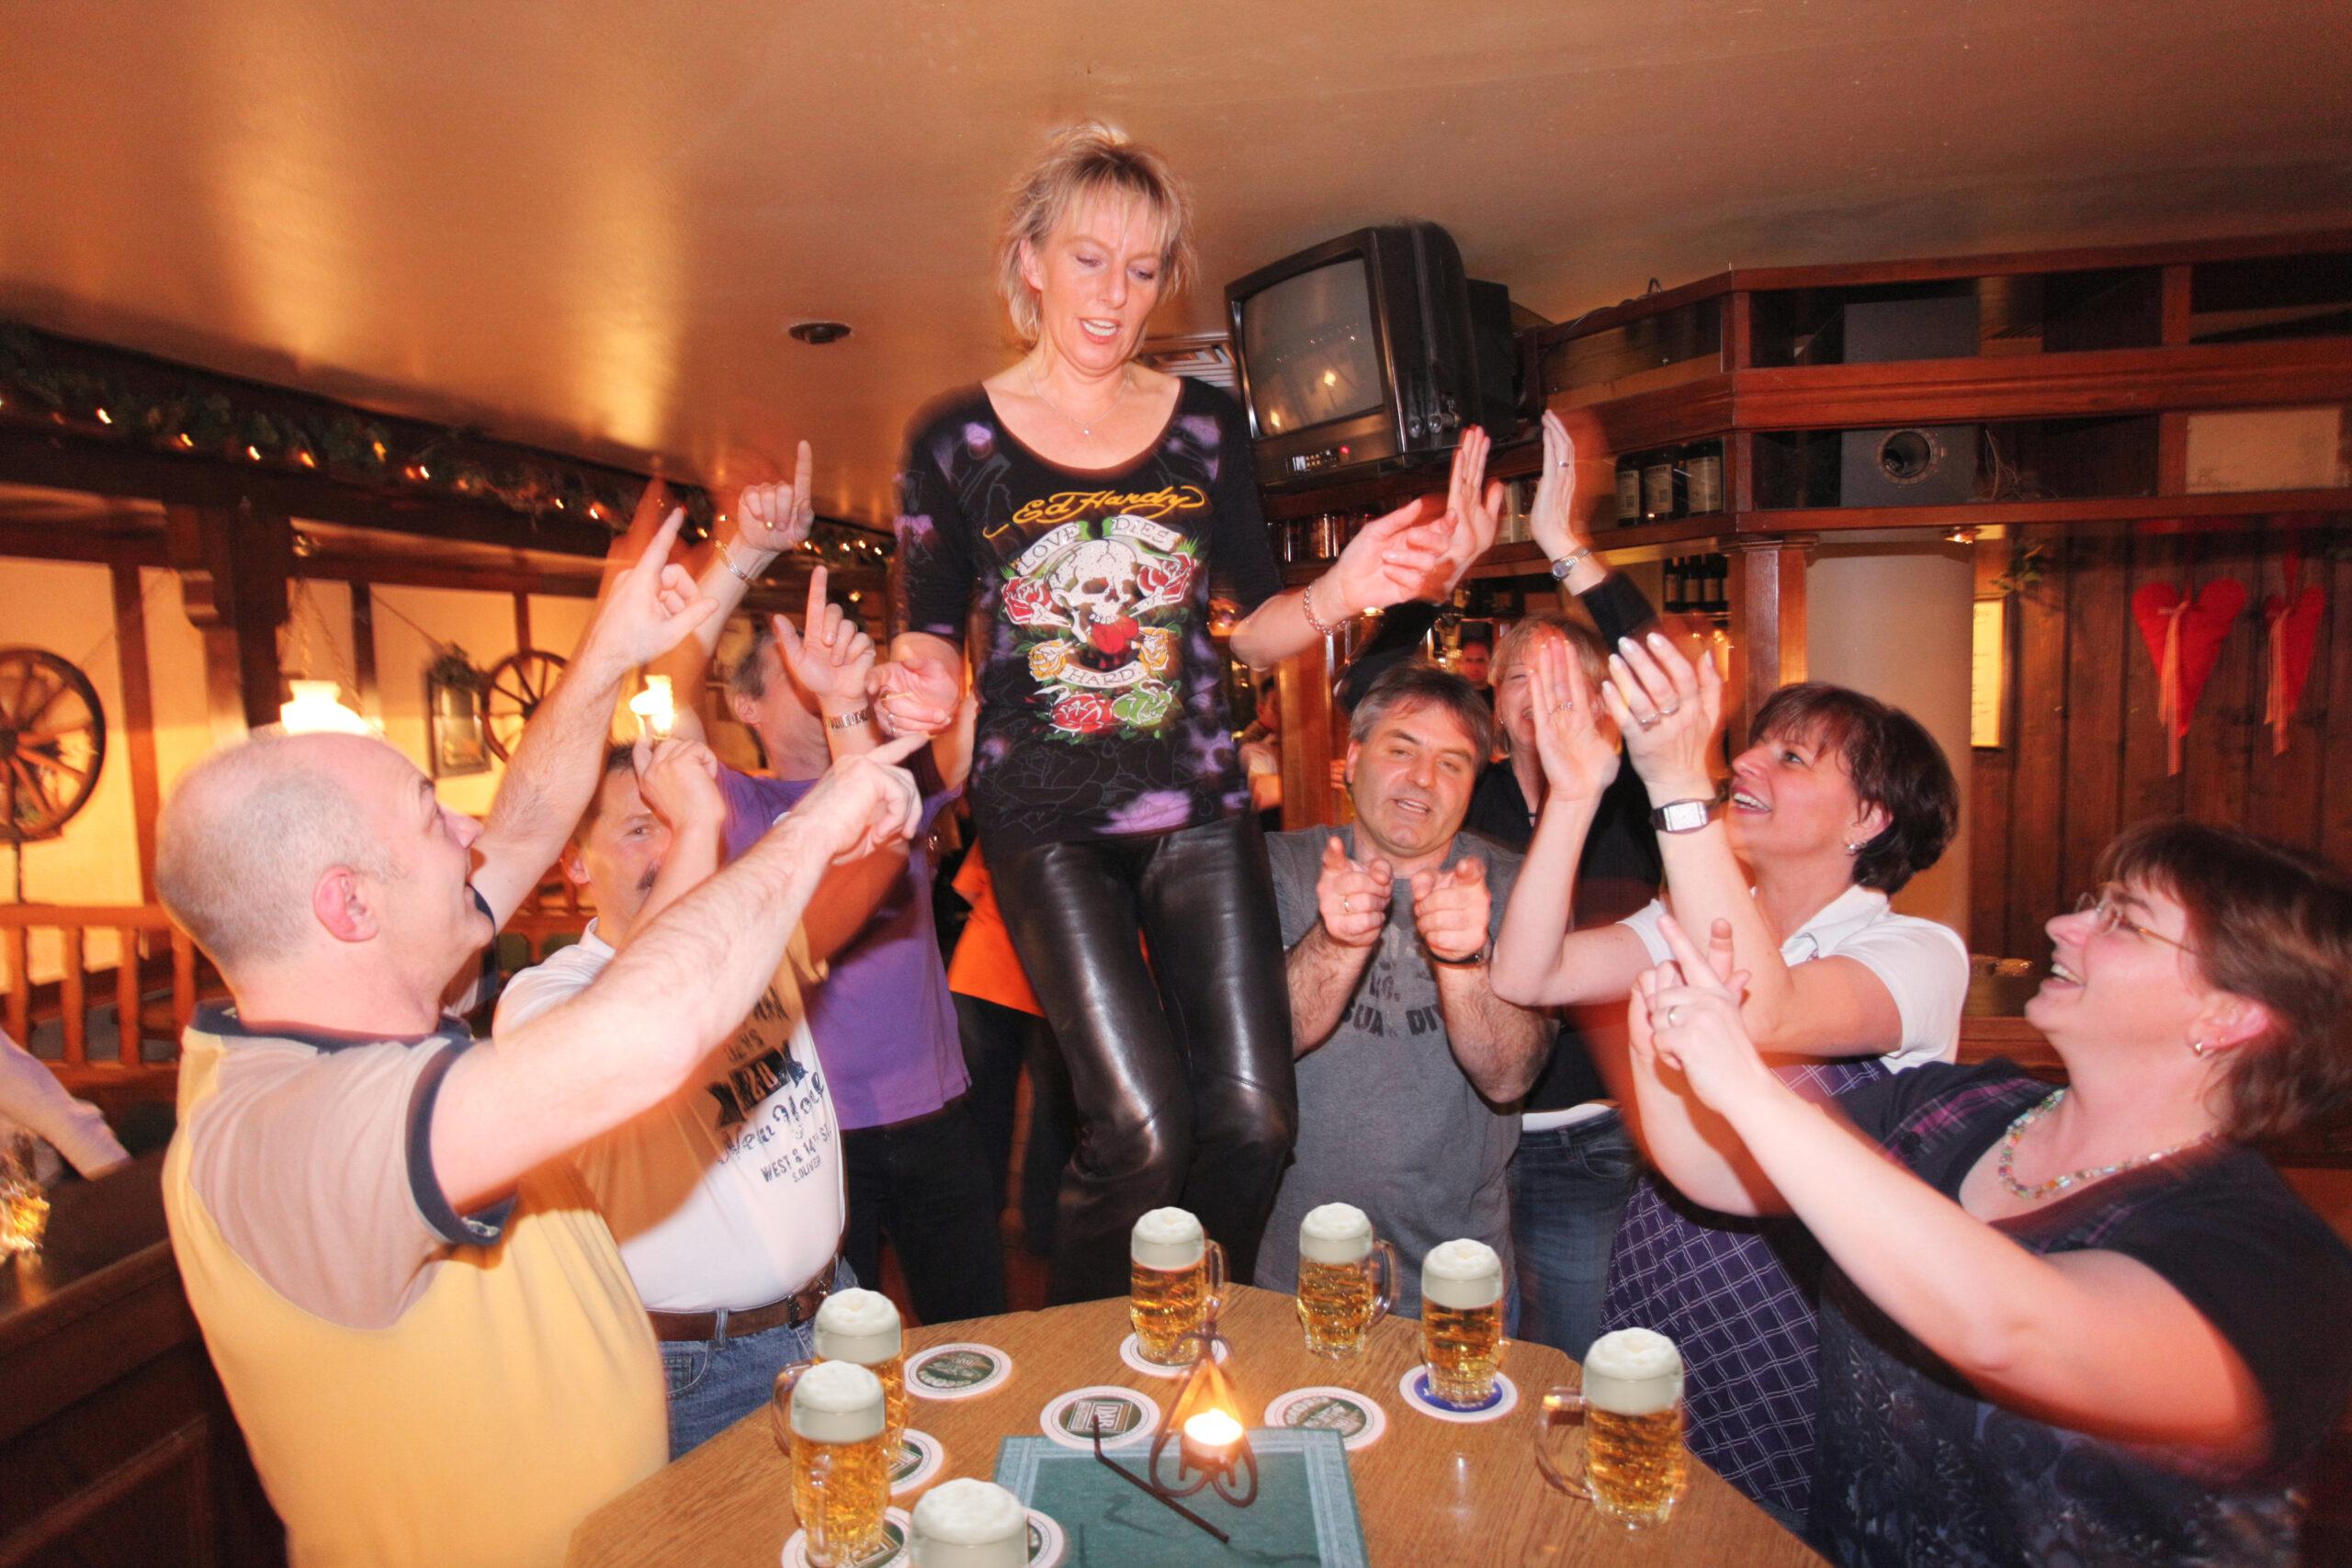 Frau tanzt auf dem Tisch in Olsberg